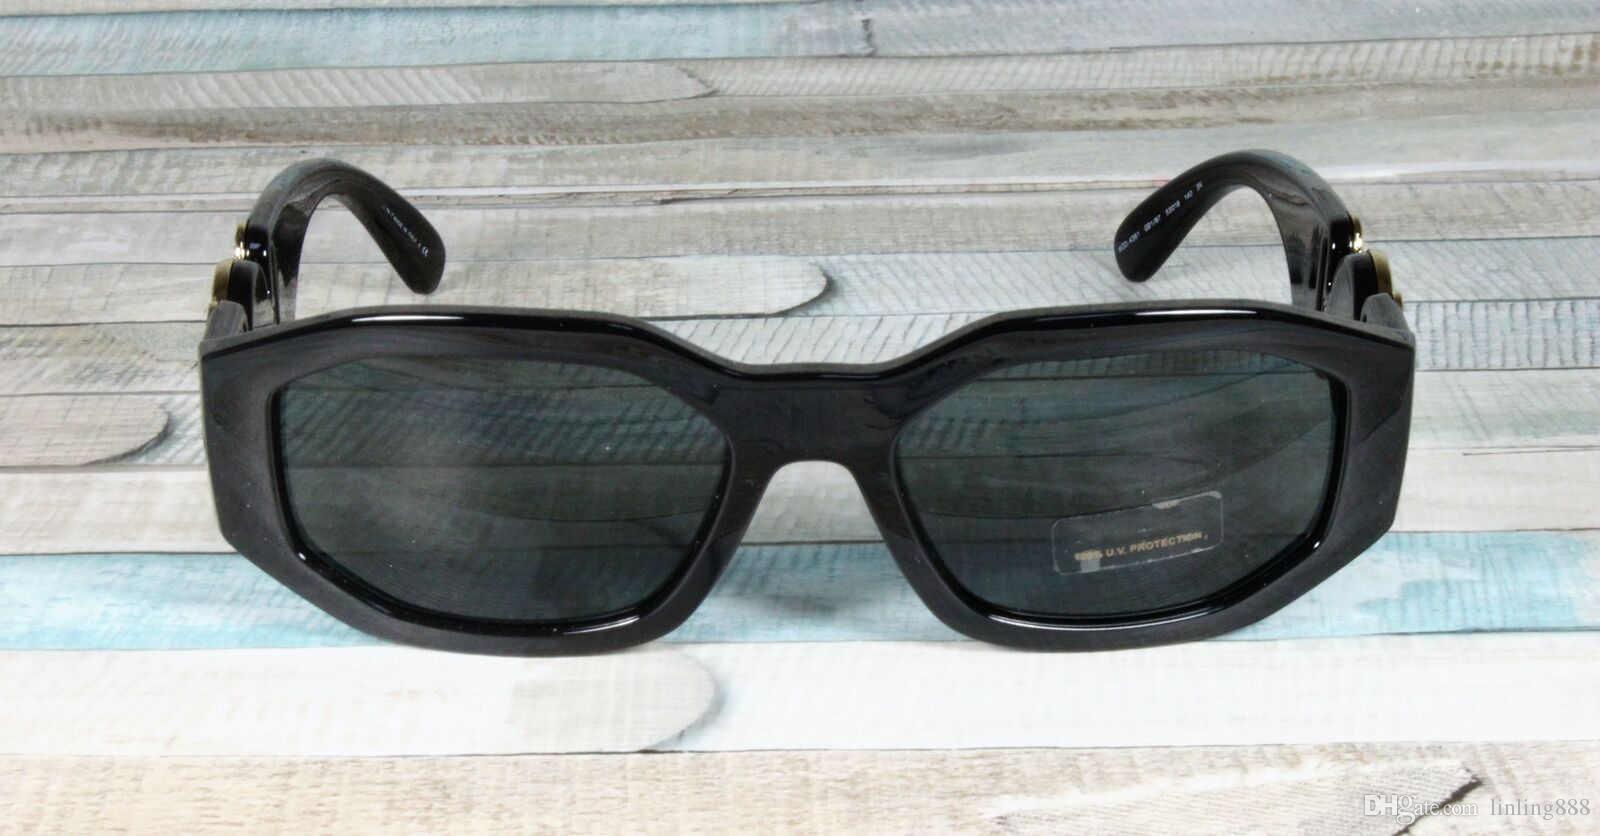 erkek kadın Gözlük 4361 GB1 / 87 Siyah / Gri Erkek Güneş Gözlüğü 53 mm Unisex Tasarımcı Güneş Lüks Güneş Moda Markası